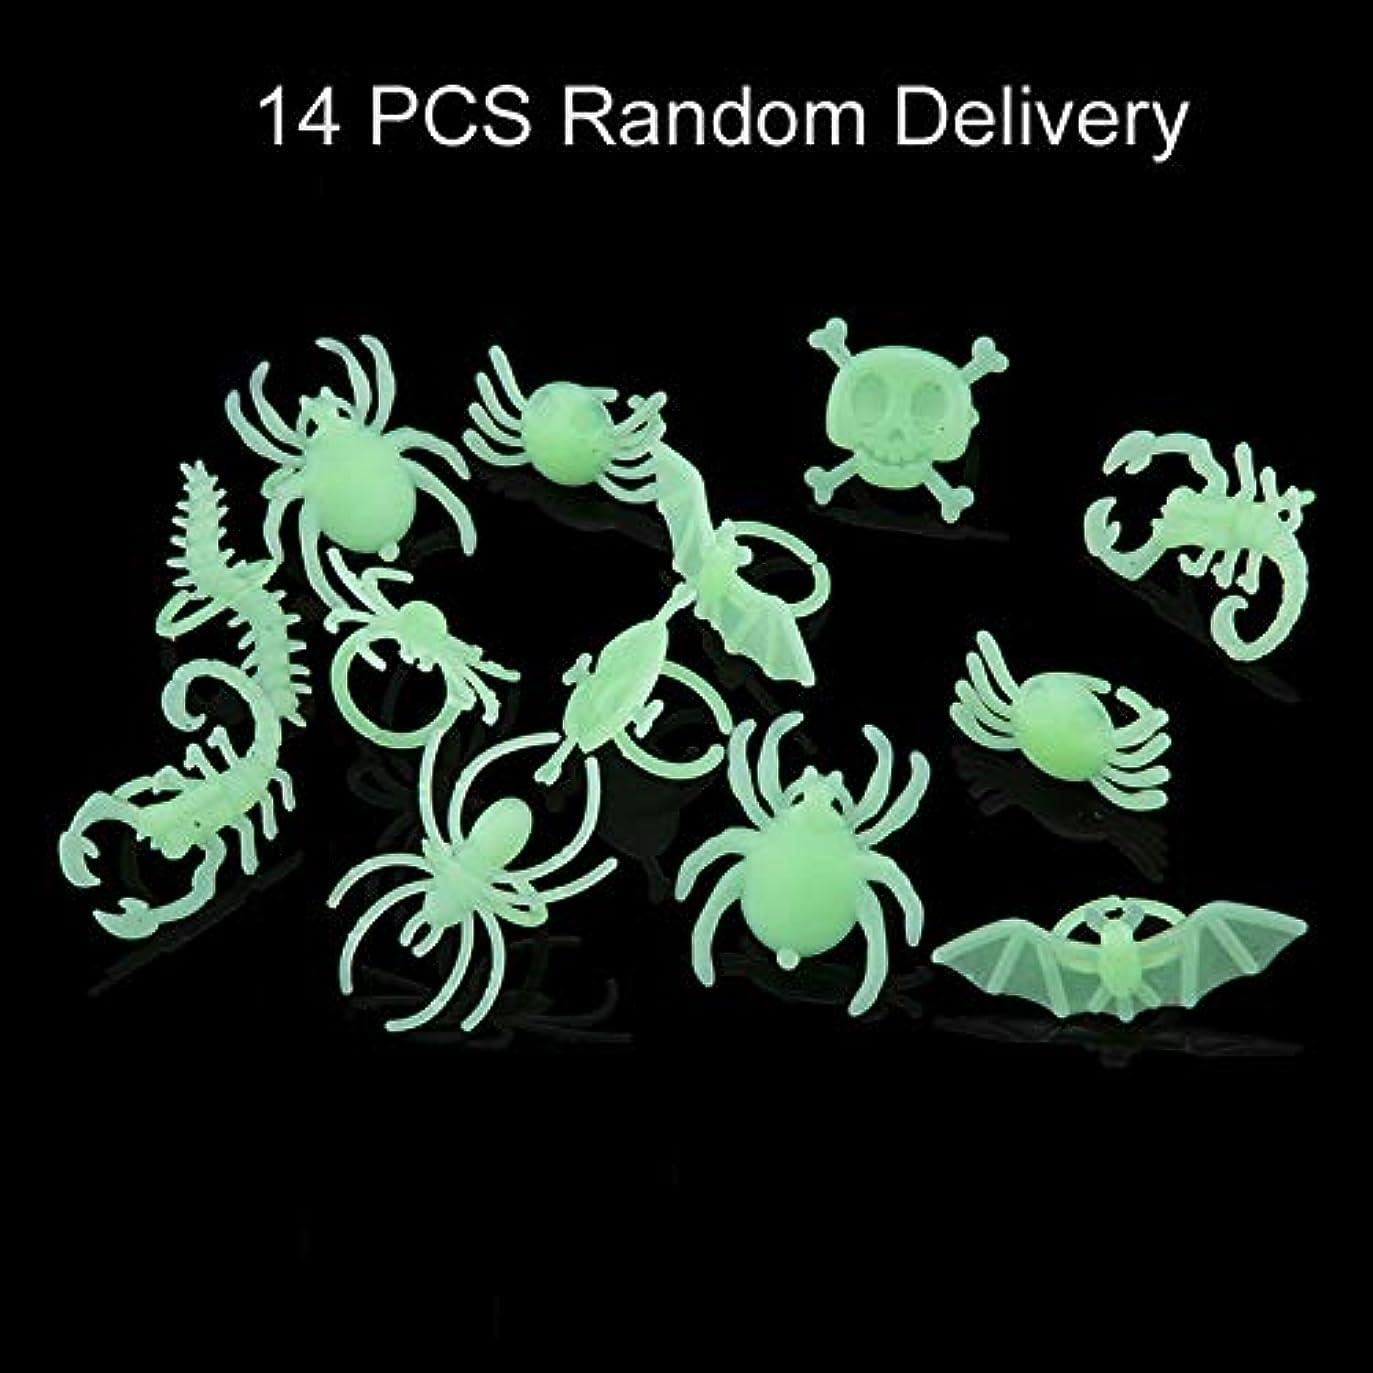 恐竜あえぎかどうかPartDoor YHM 14 PCSハロウィンルミナスバットスパイダー昆虫リングの装飾小道具、ランダム形式の配送